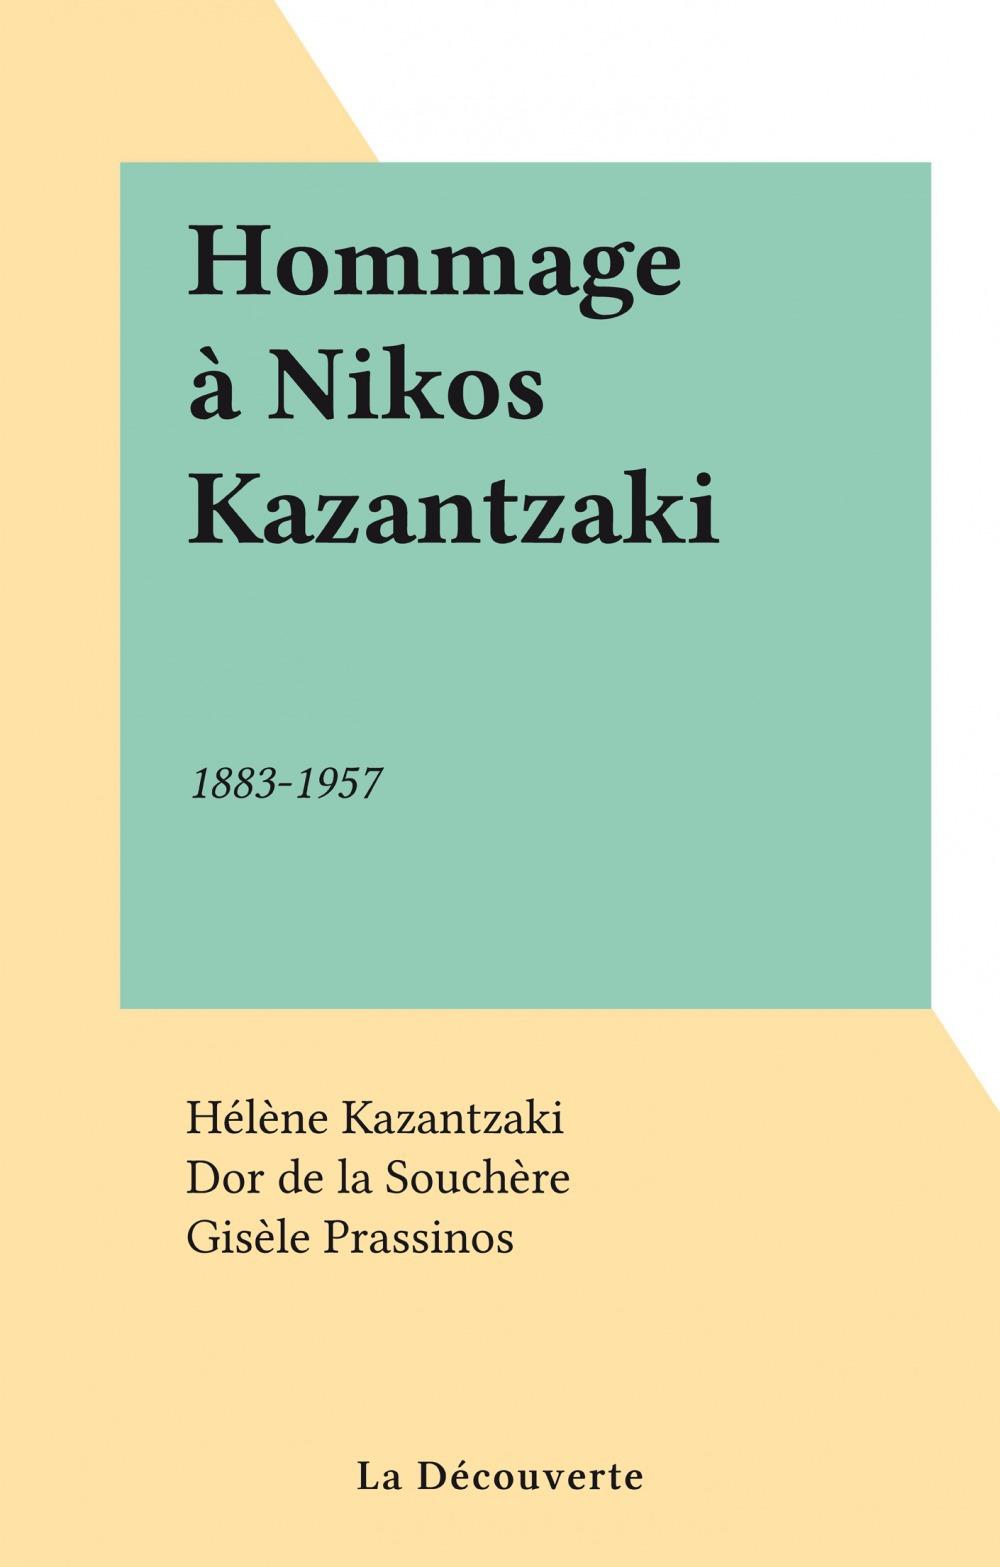 Hommage à Nikos Kazantzaki